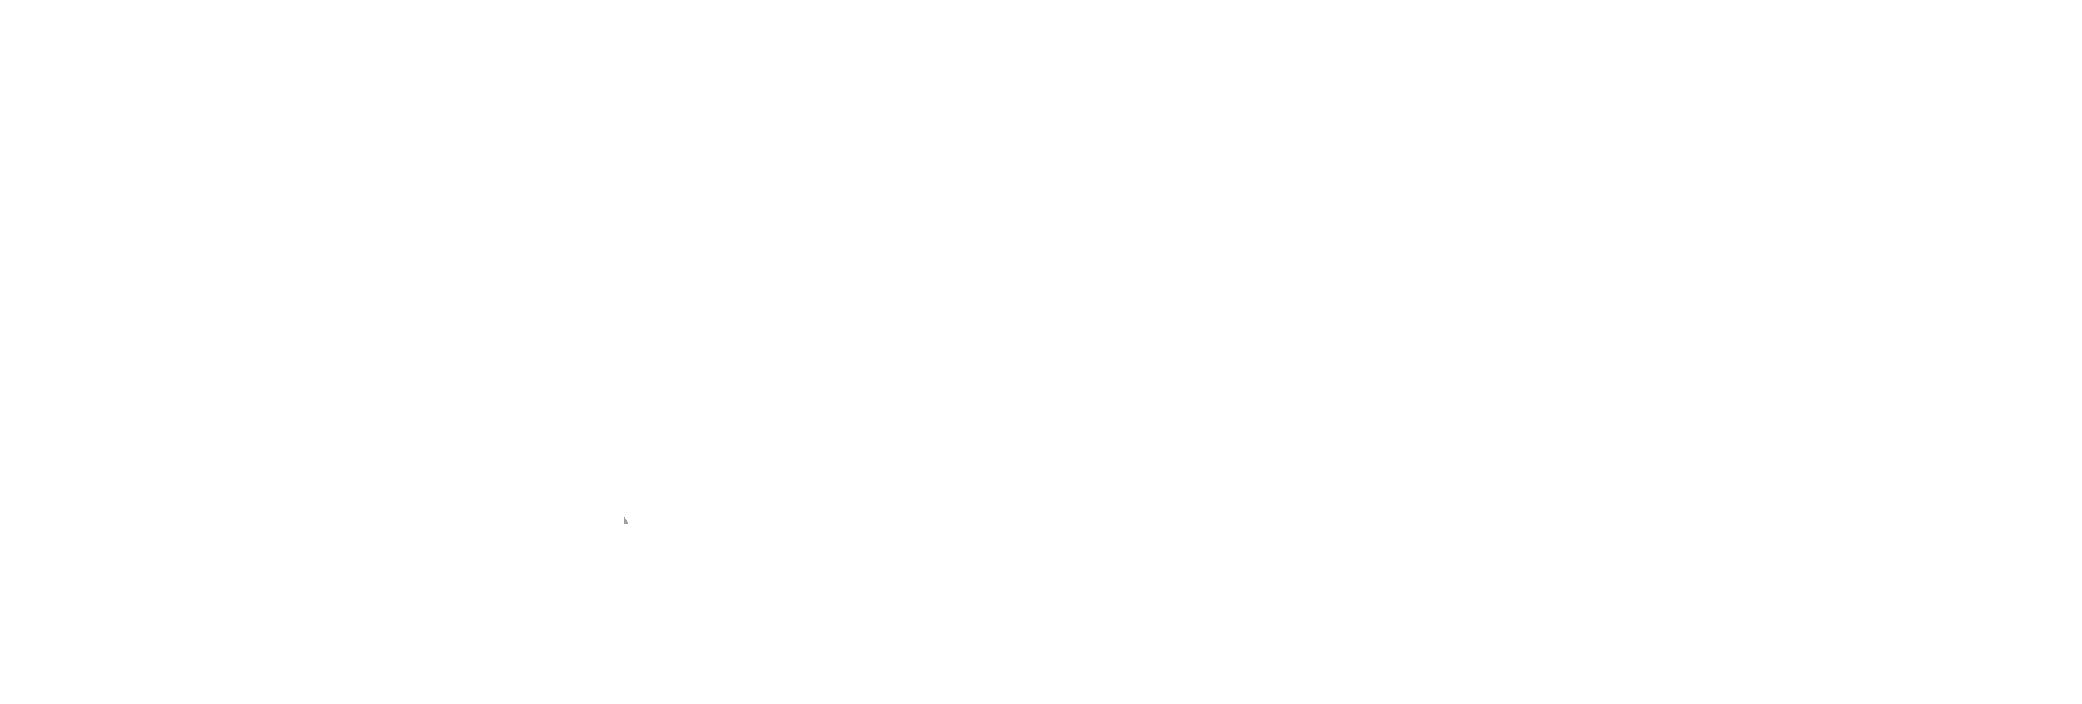 PT. KPM OIL & GAS